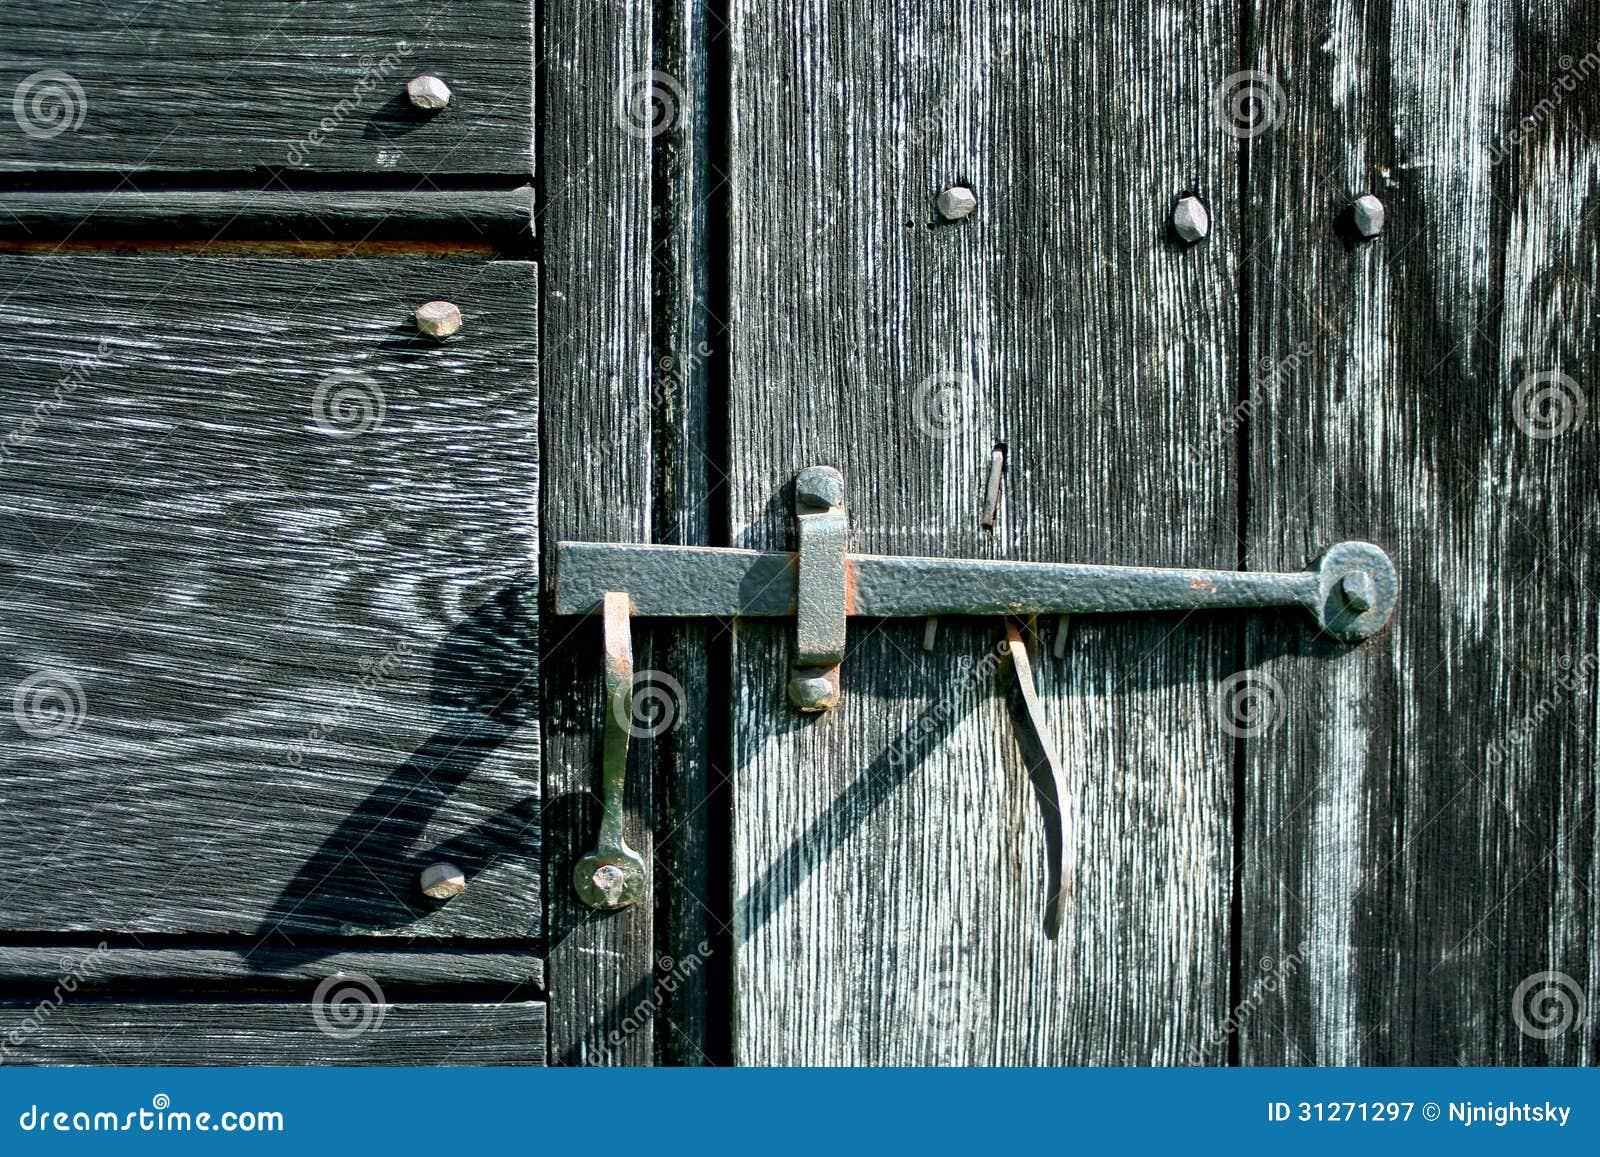 Old iron door latch - Old Iron Door Latch Stock Image. Image Of Door, Antique - 31271297